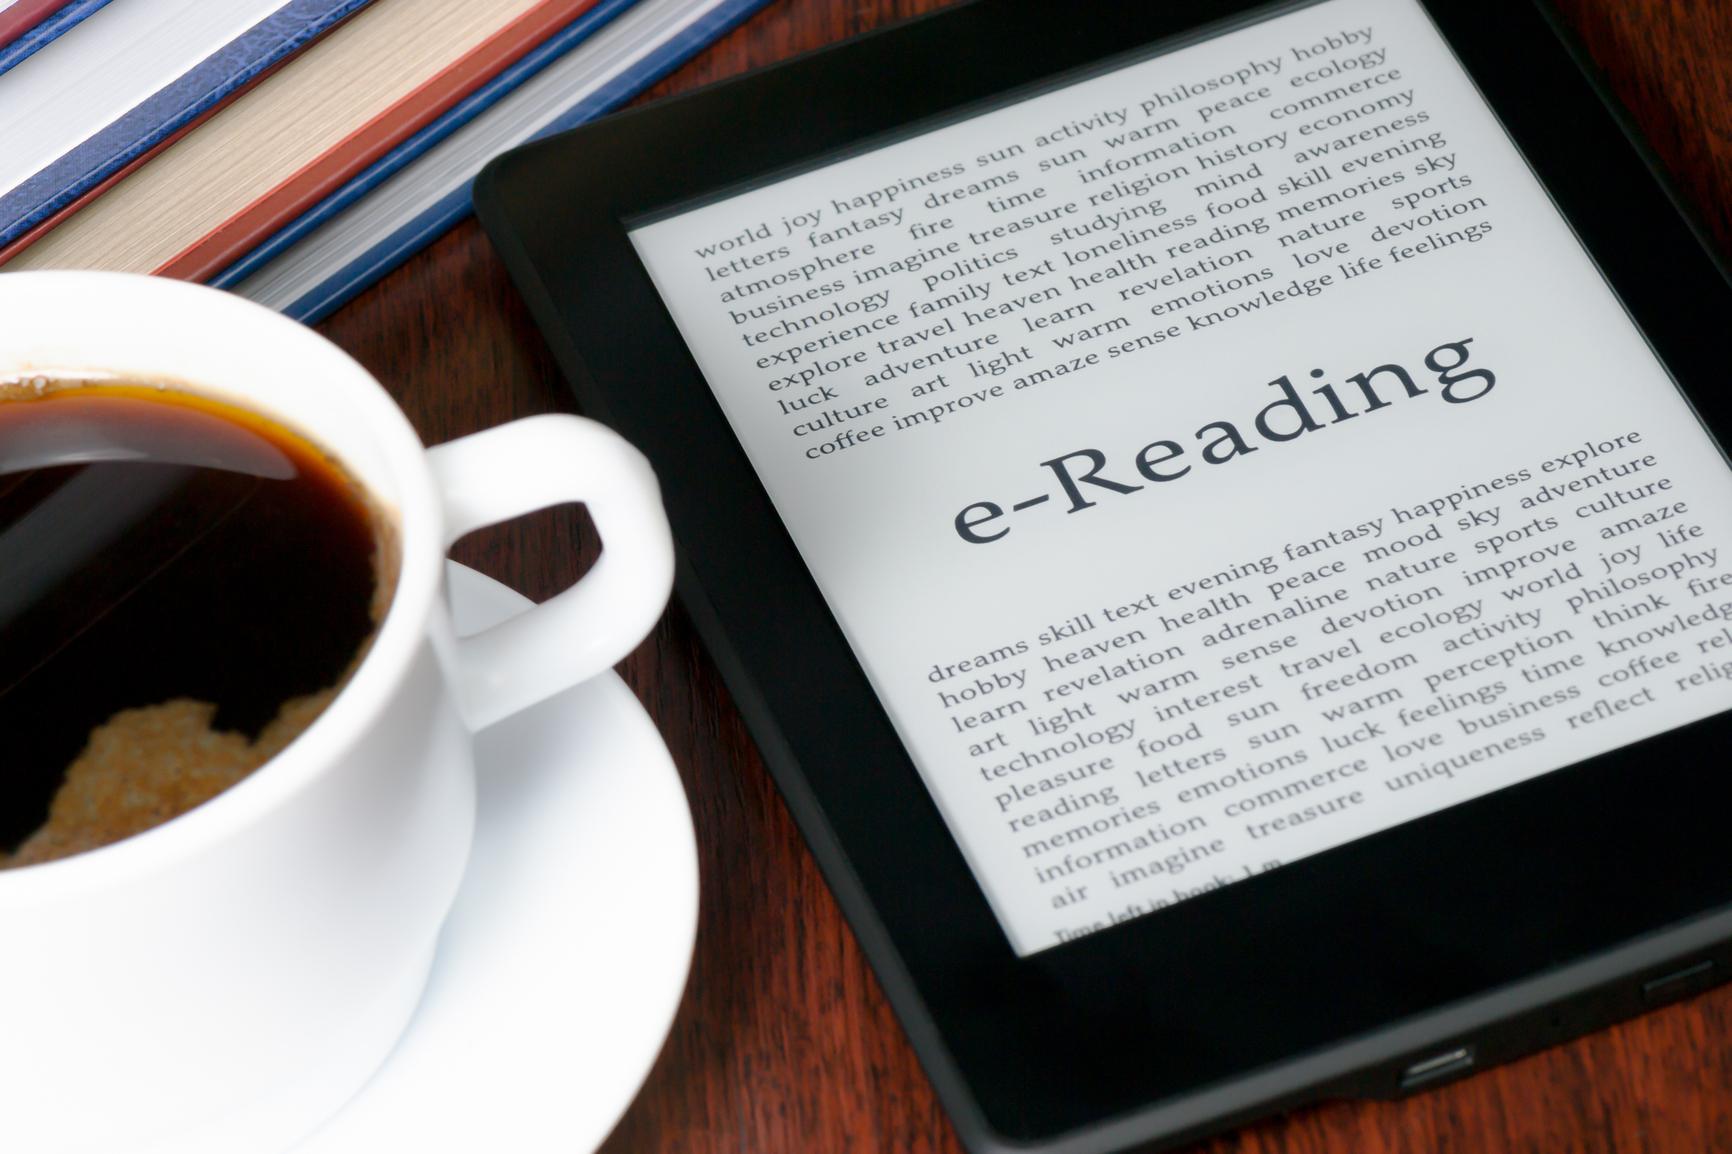 Portare con se centinaia di libri semplicemente utilizzando i migliori ebook reader scontati